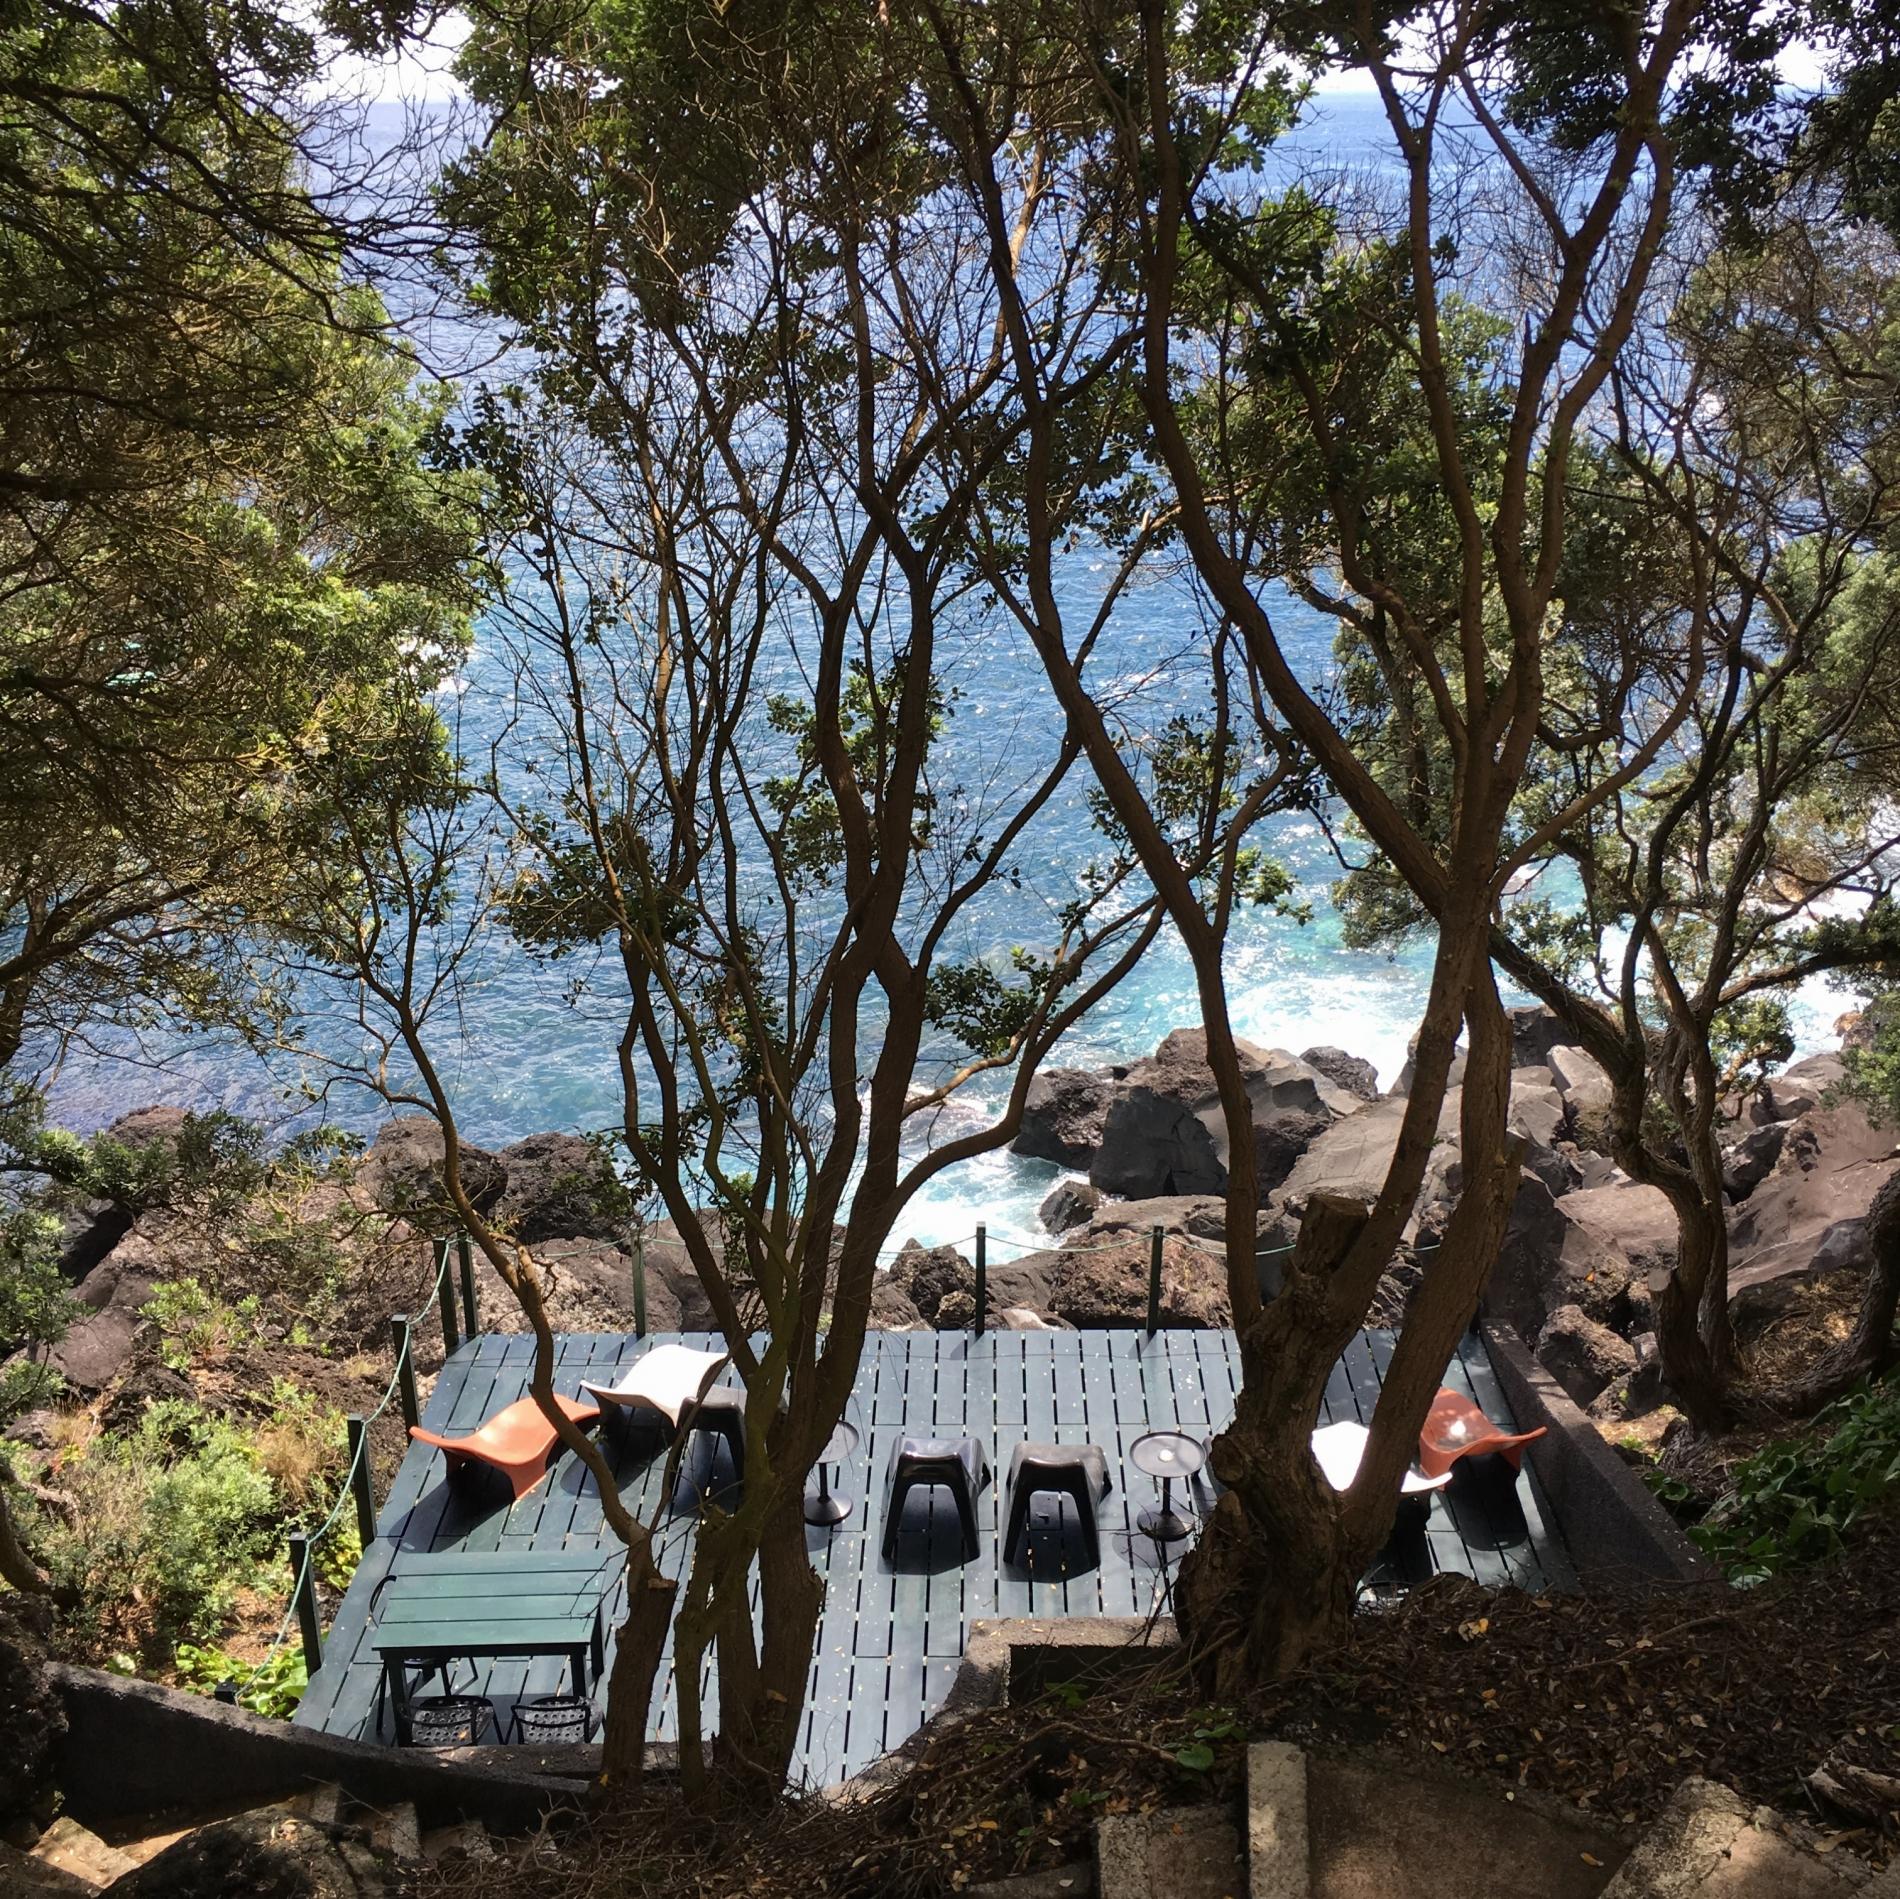 hotel açores aldeia da fonte - dauphins et son bébé - consciences dauphins - nager avec les dauphins - nage avec les dauphins sauvages